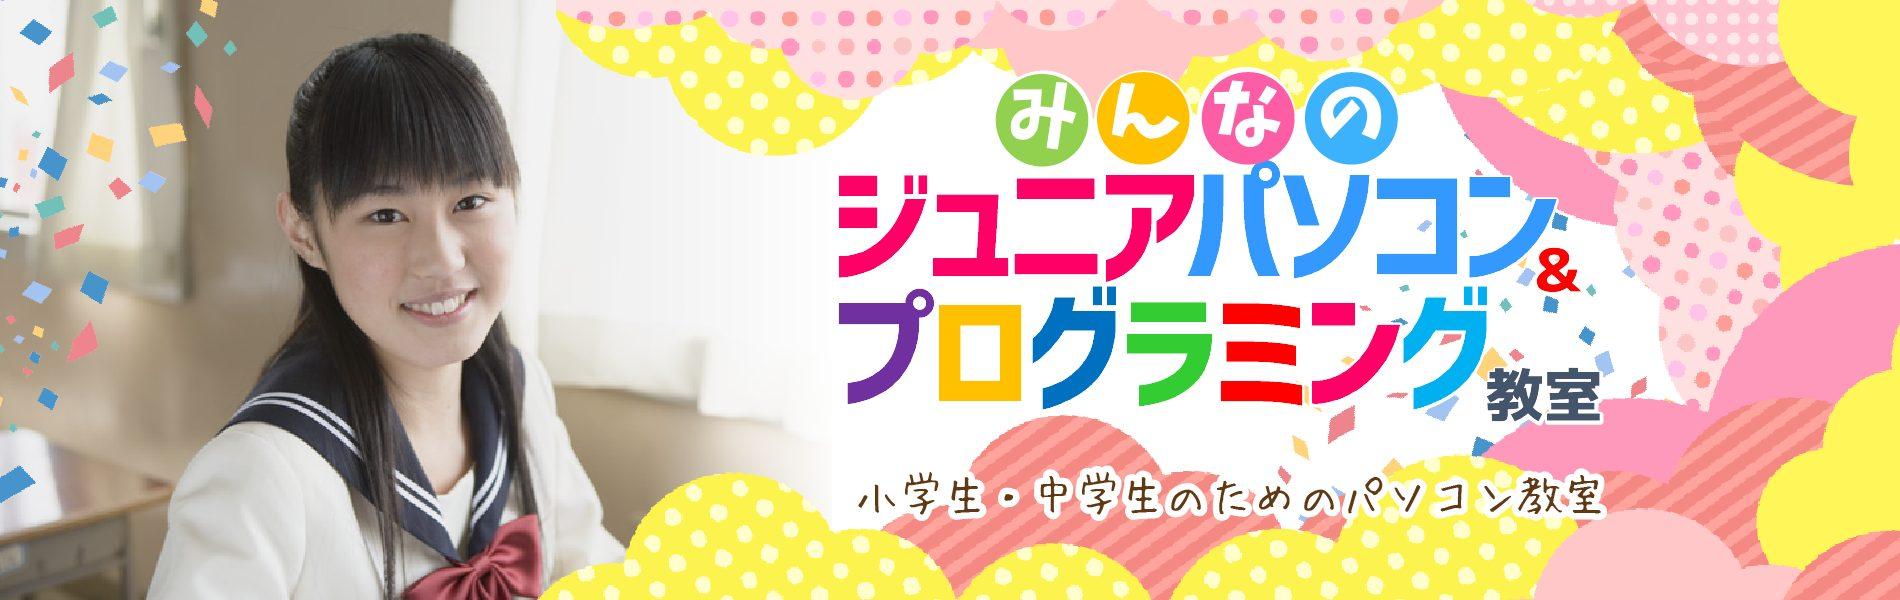 【大阪・兵庫】小中学生のためのパソコン&プログラミング教室